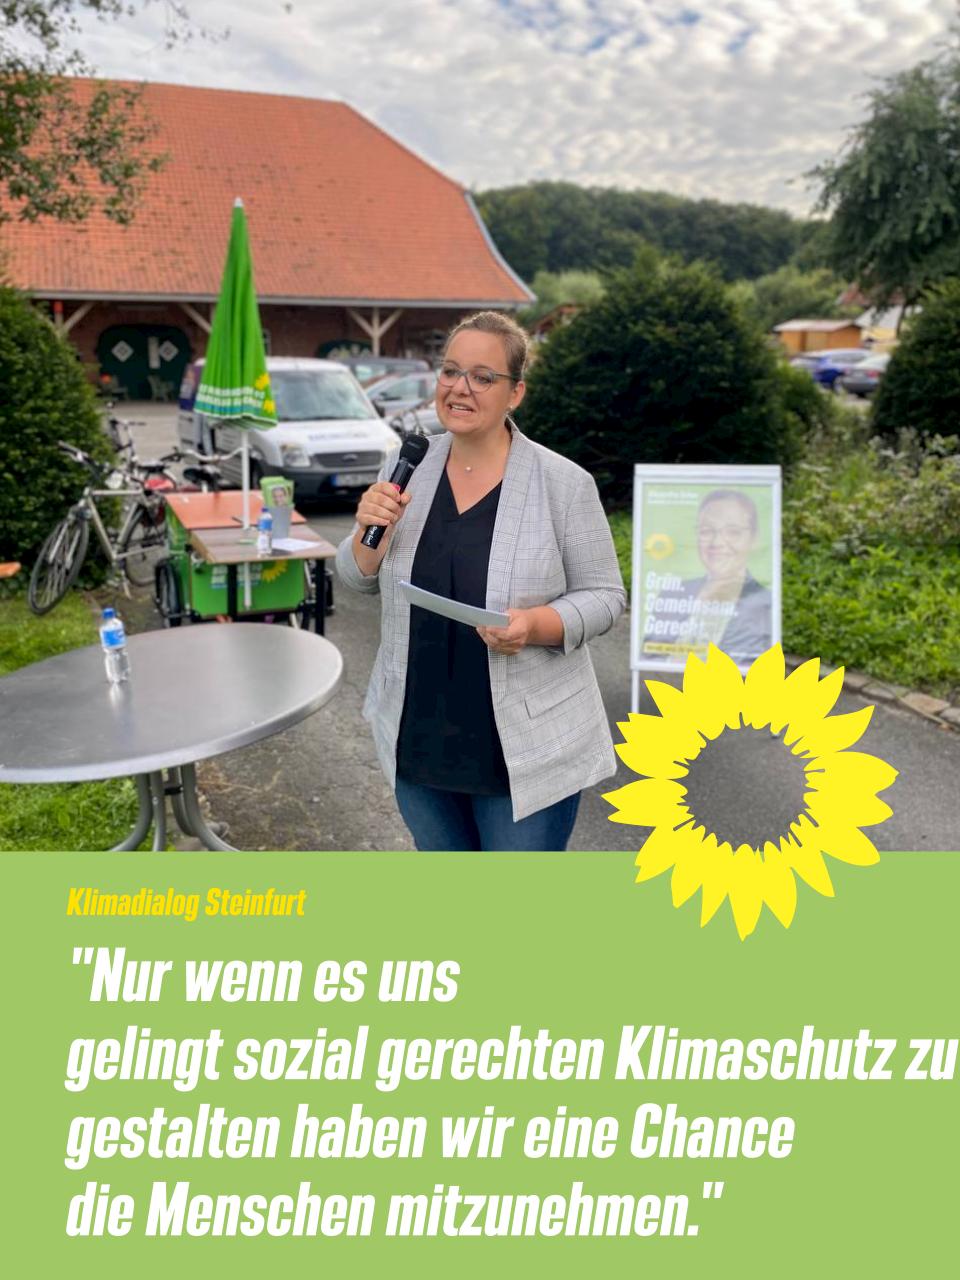 Klimadialog Steinfurt